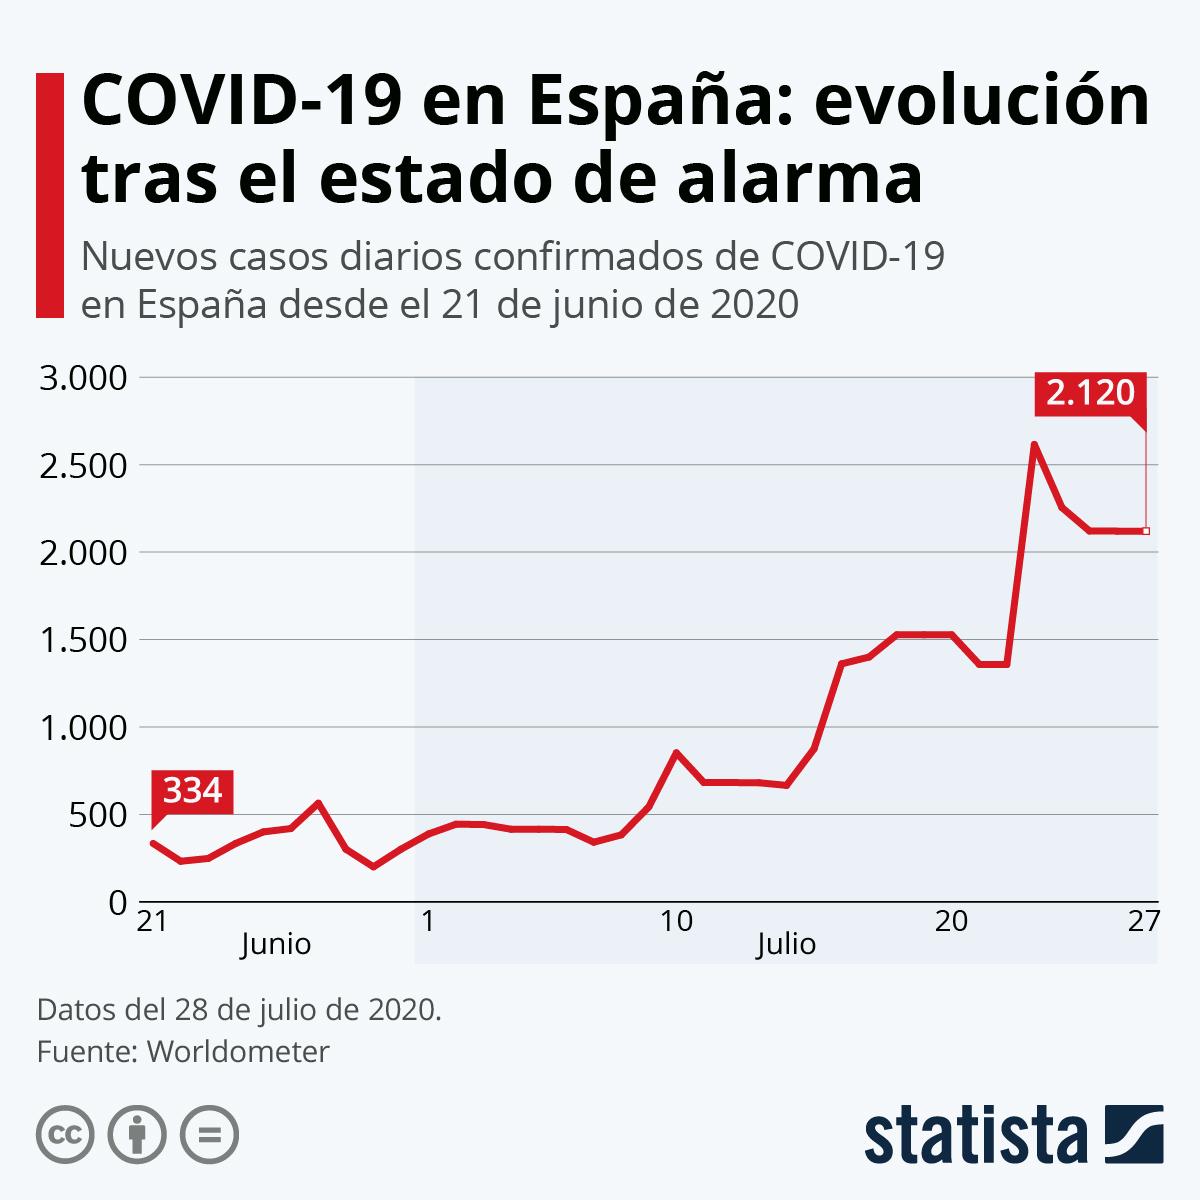 Infografía: COVID-19 en España: evolución tras el estado de alarma | Statista